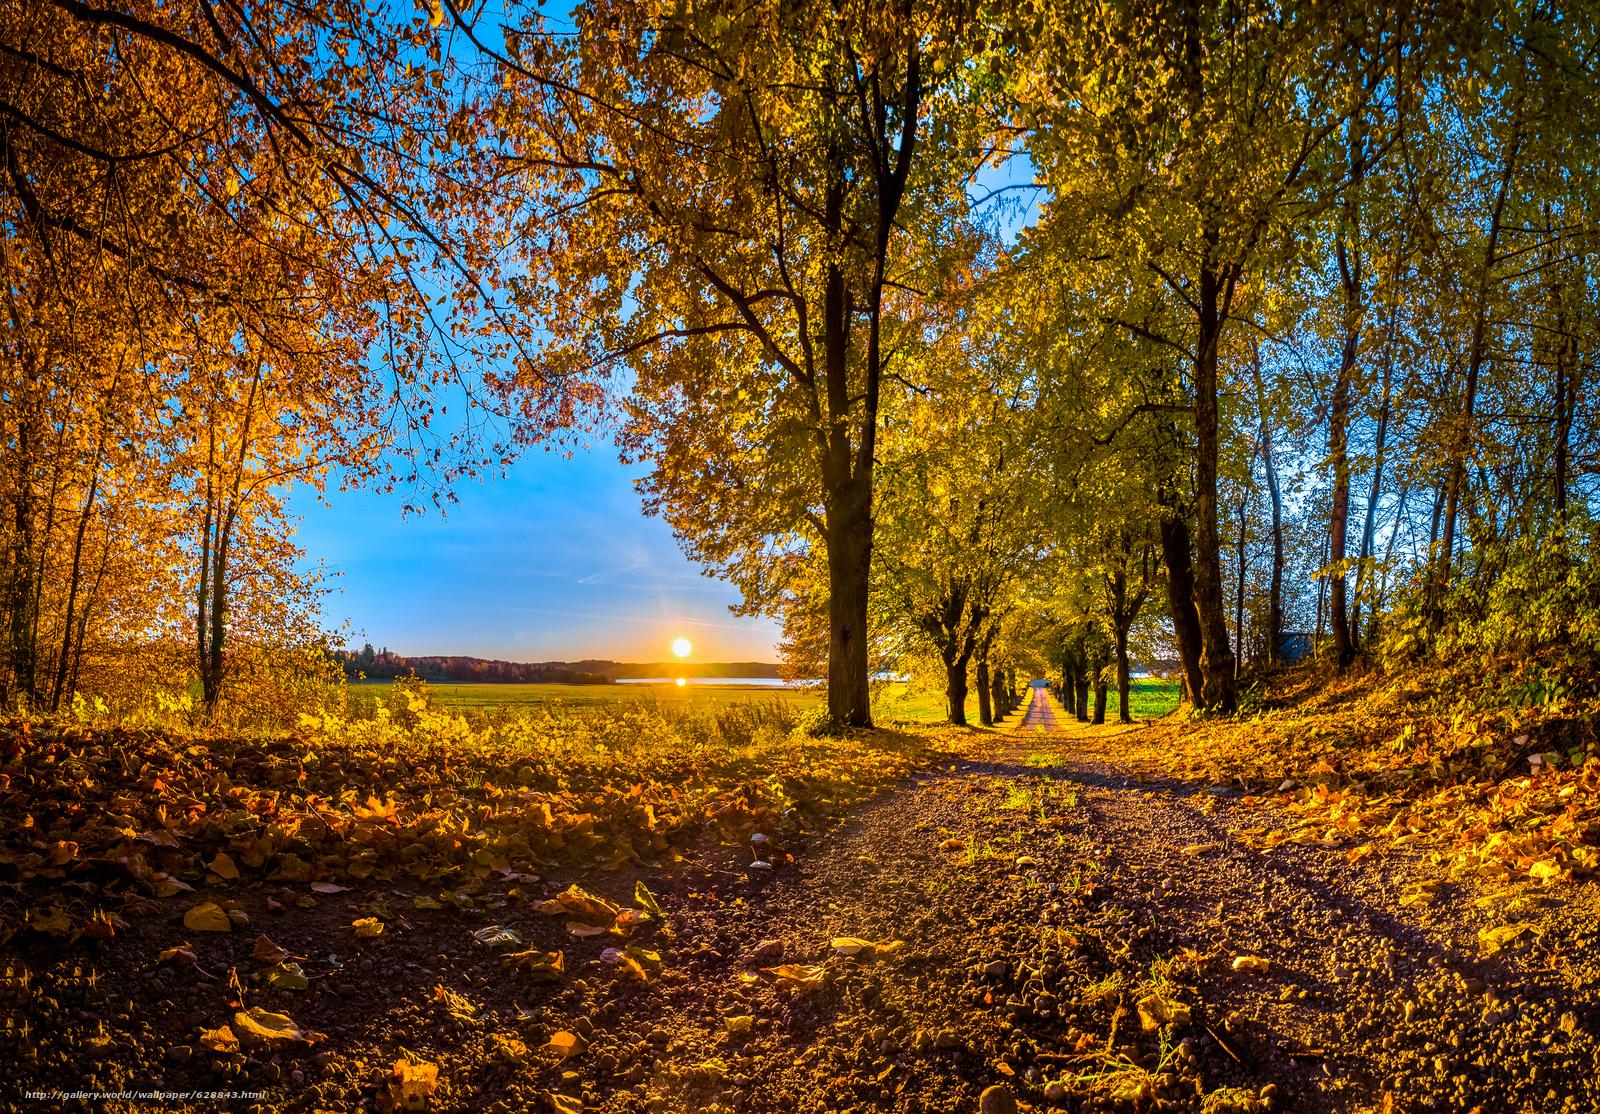 Скачать на телефон обои фото картинку на тему осень, закат, лес, дорога, деревья, пейзаж, разширение 6033x4199